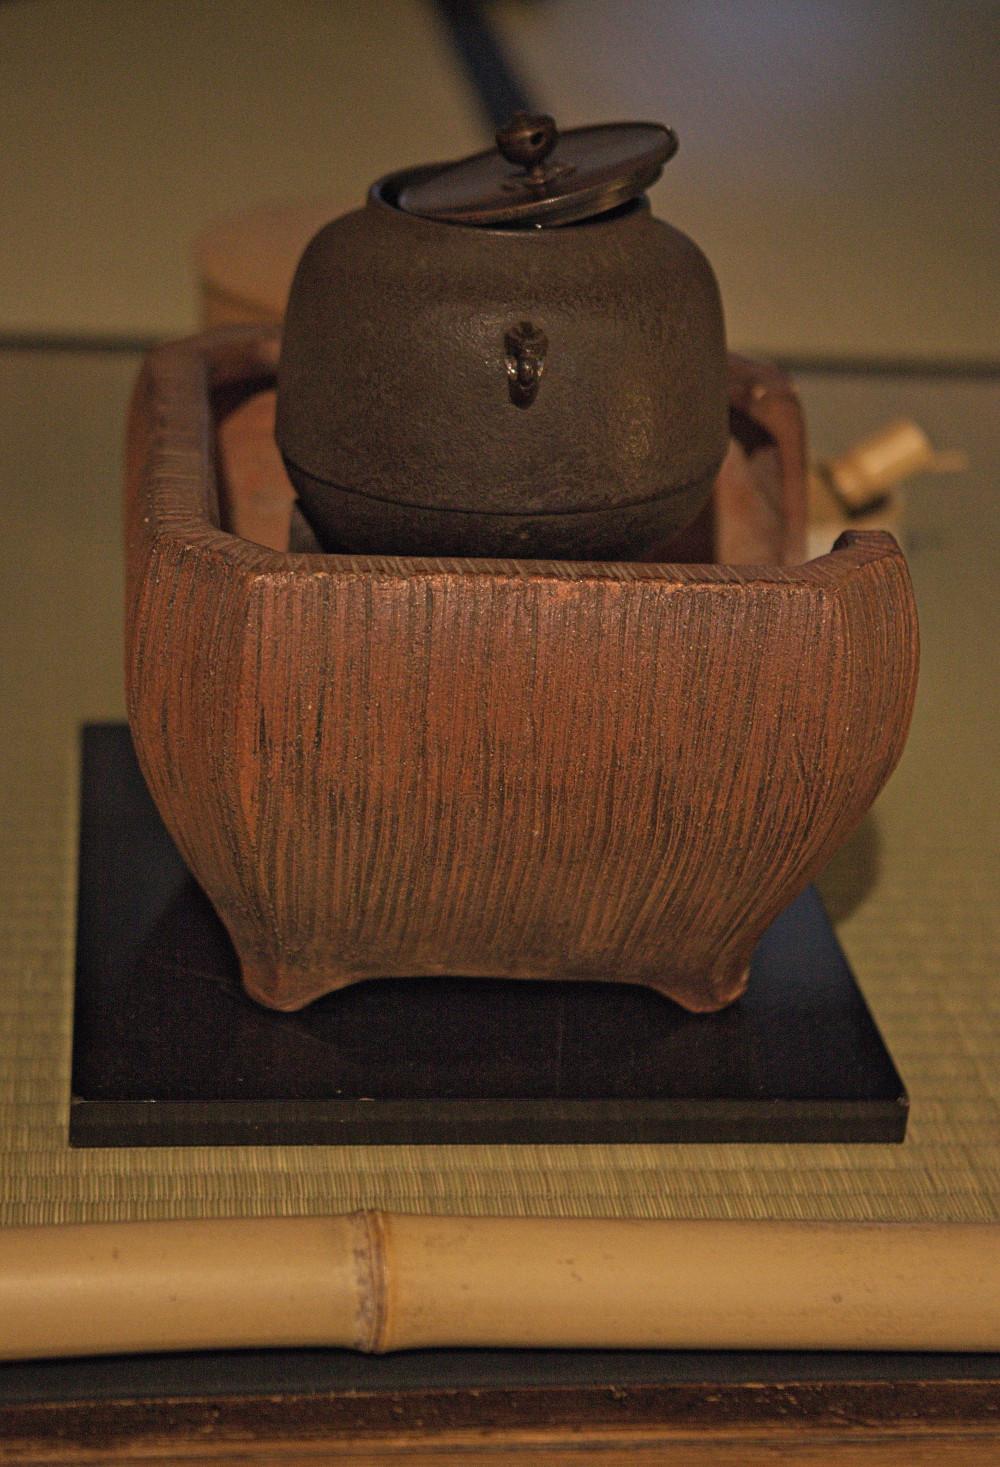 ceremonie thé kyoto - Kyoto (1)